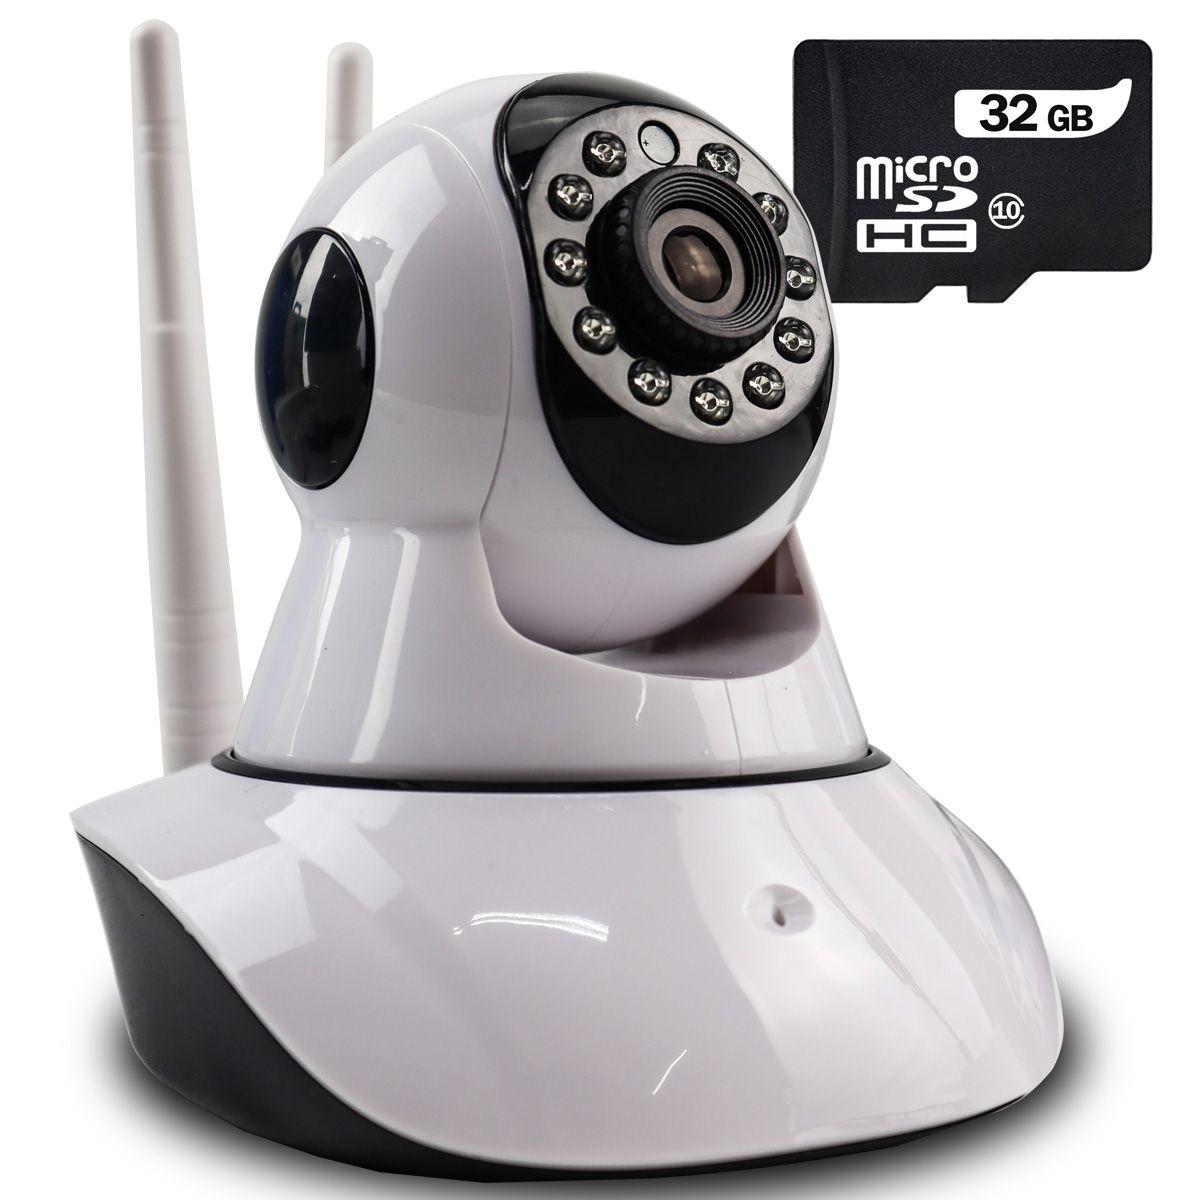 Câmera IP Digital 2.0MP com Dois Receptores de Wifi e Visão Noturna Full HD 1080p Q5 + Cartão Micro SD 32GB